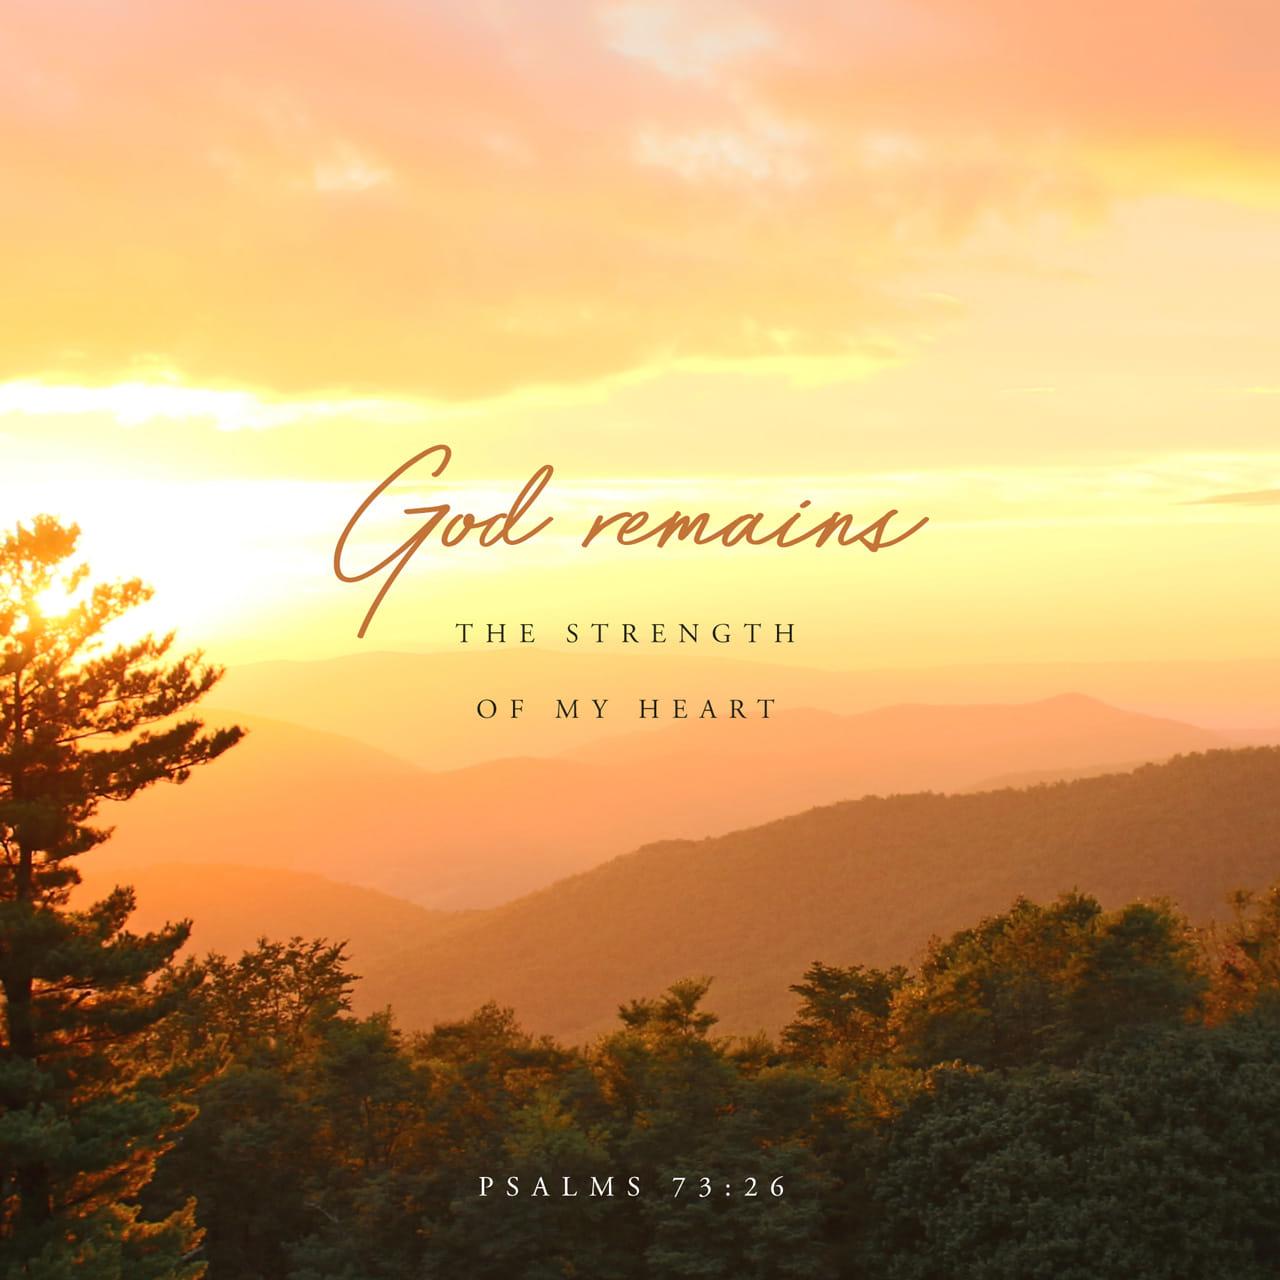 Salmos 73:26 Puede fallarme la salud y debilitarse mi espíritu, pero Dios sigue siendo la fuerza de mi corazón; él es mío para siempre. | Nueva Traducción Viviente (NTV)